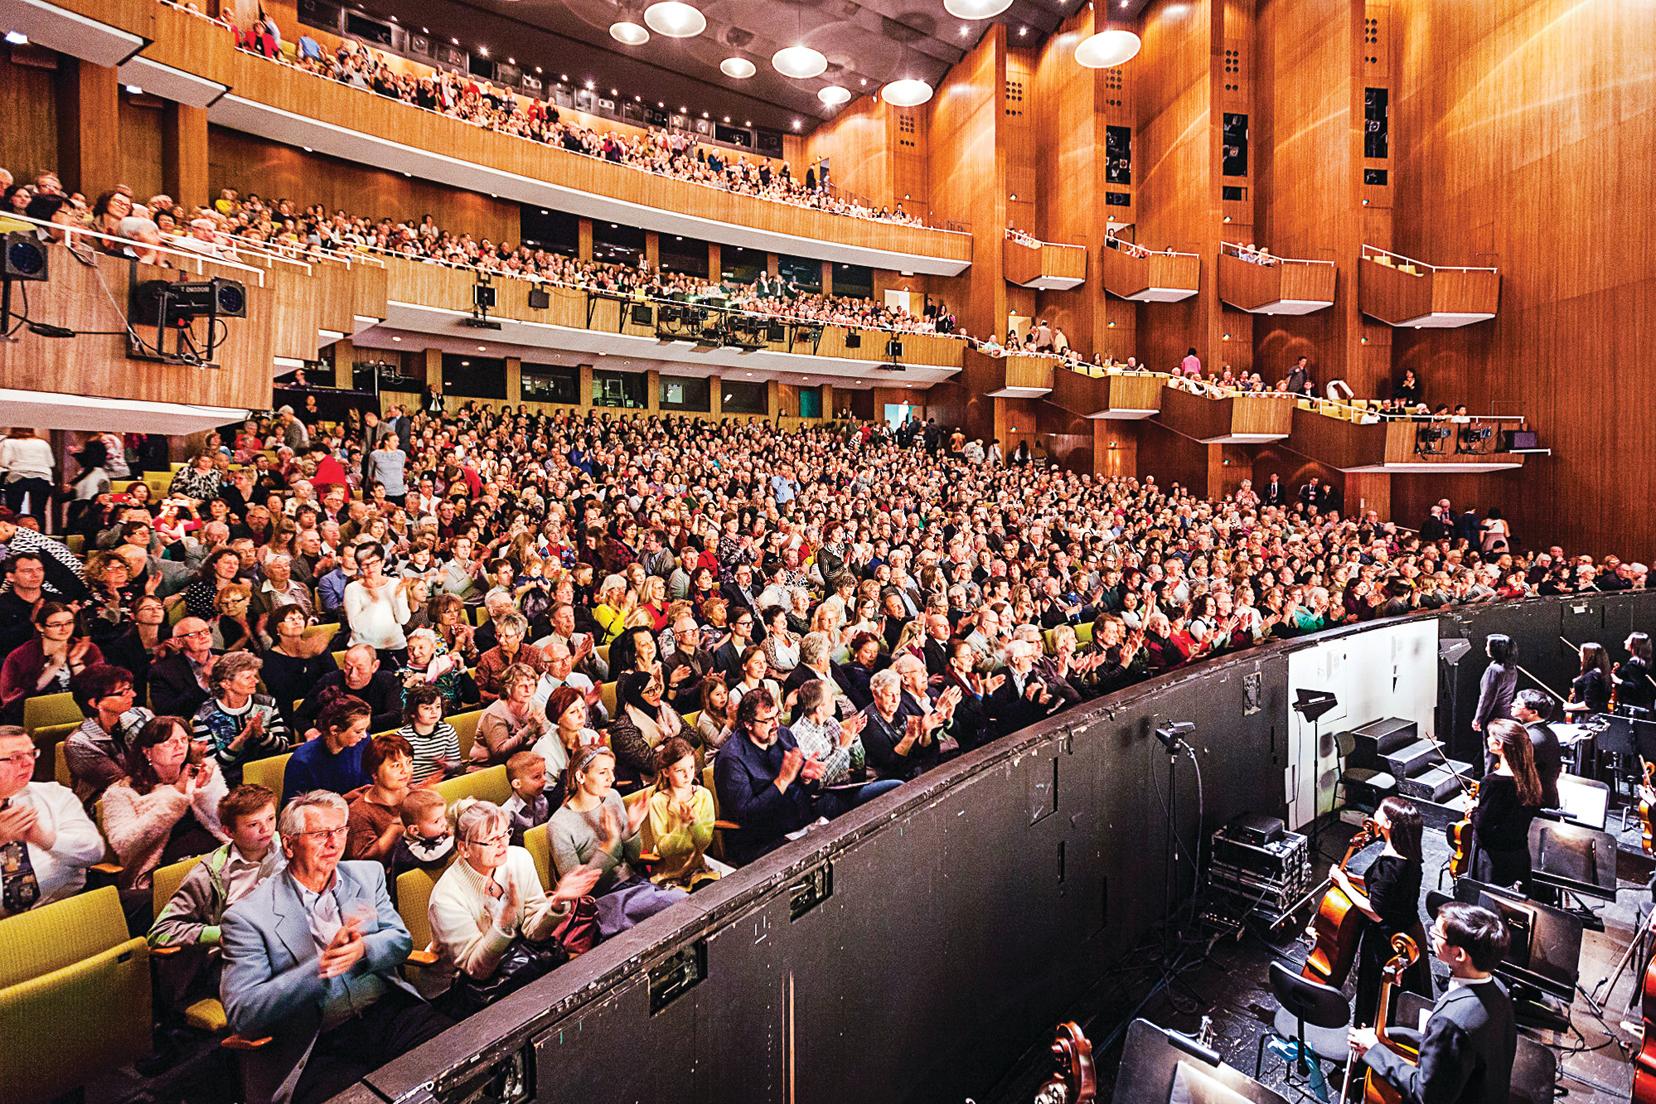 3月17日晚,美國神韻國際藝術團在德國首都柏林德意志歌劇院的第五場演出現場。(吉森/大紀元)